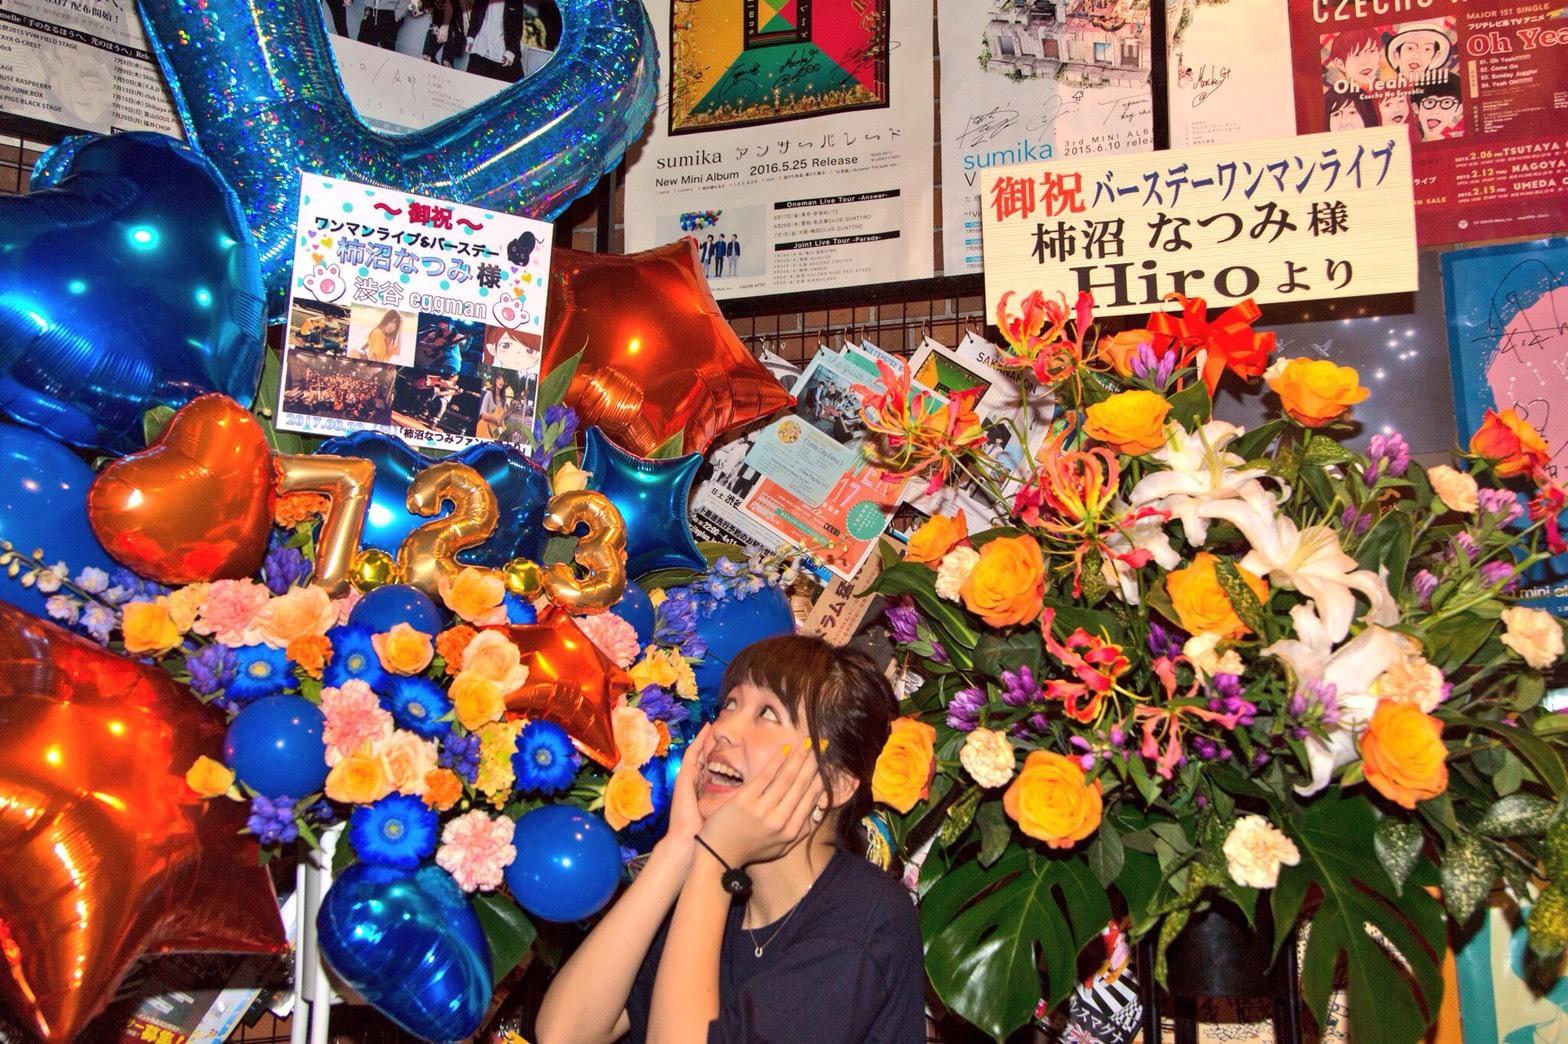 【8/19渋谷eggmanワンマンライブオフショットデータプラン】